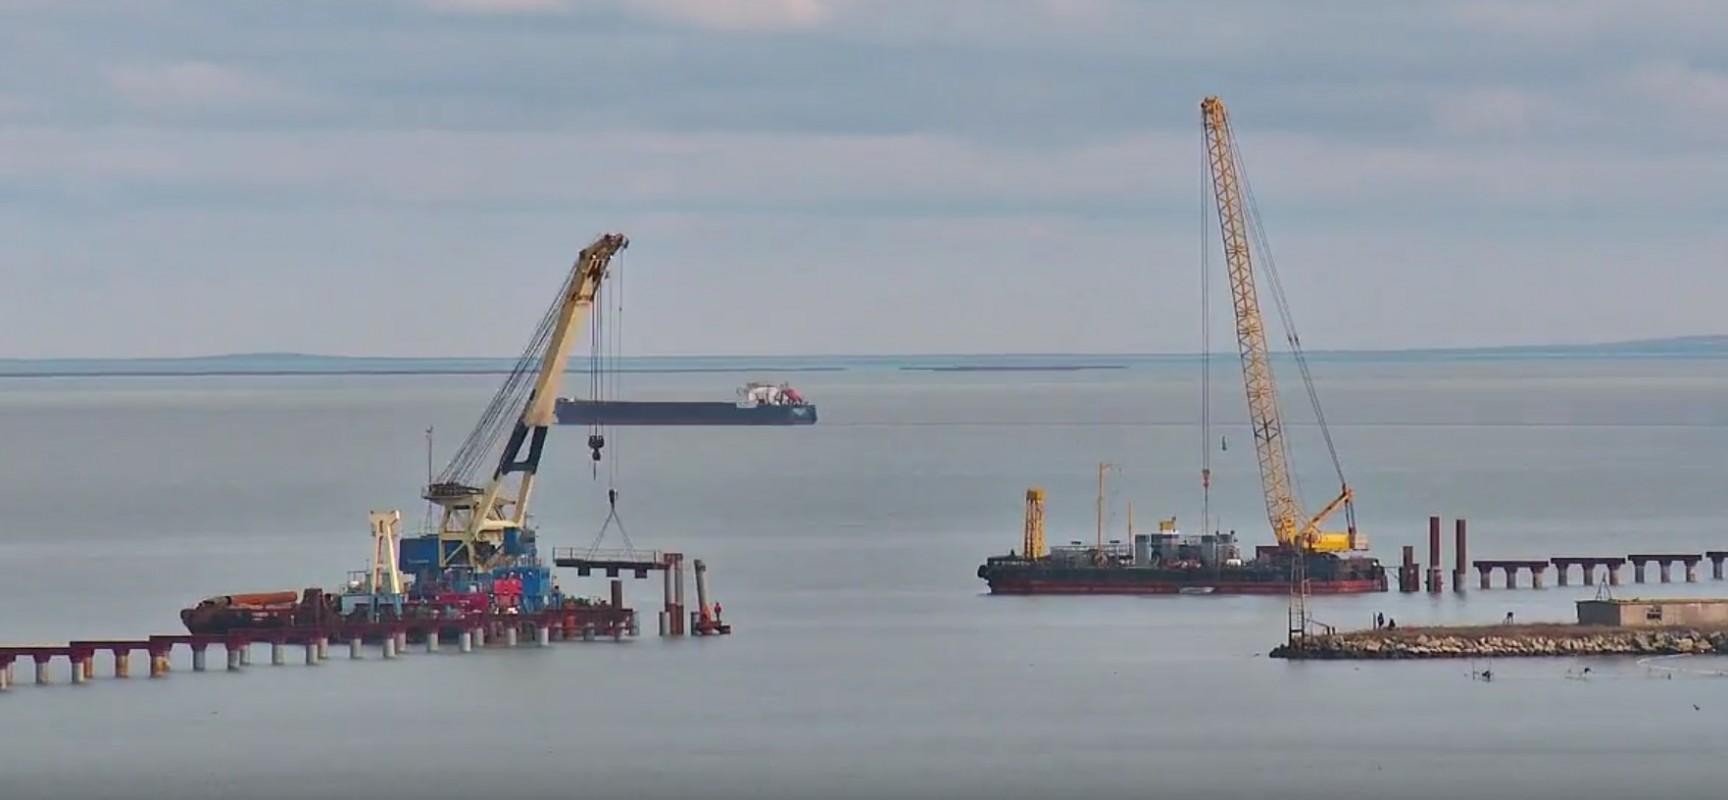 РМ-3. Керчь. Строительство моста через пролив 09.02.2016